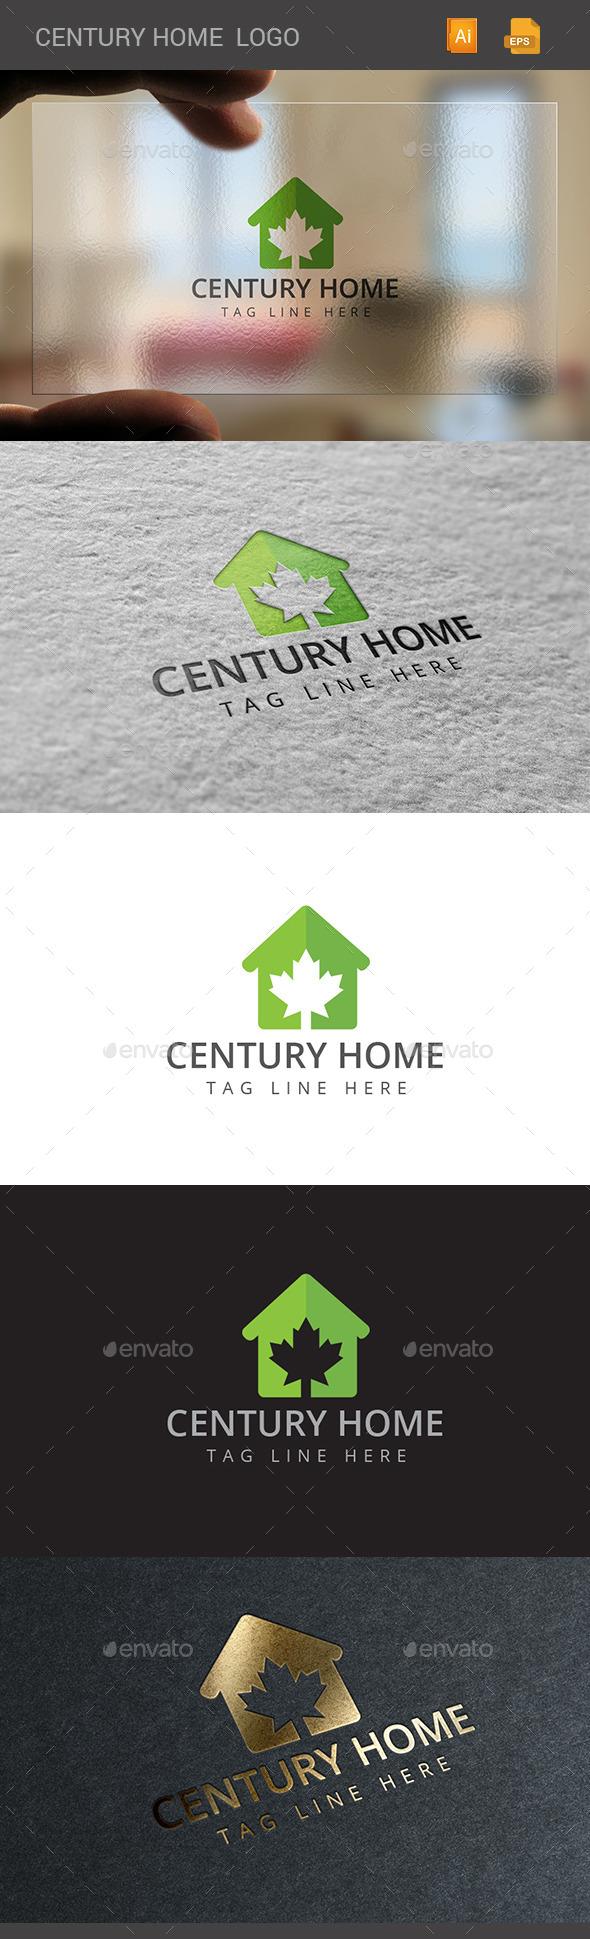 GraphicRiver Century Home Logo 11374477